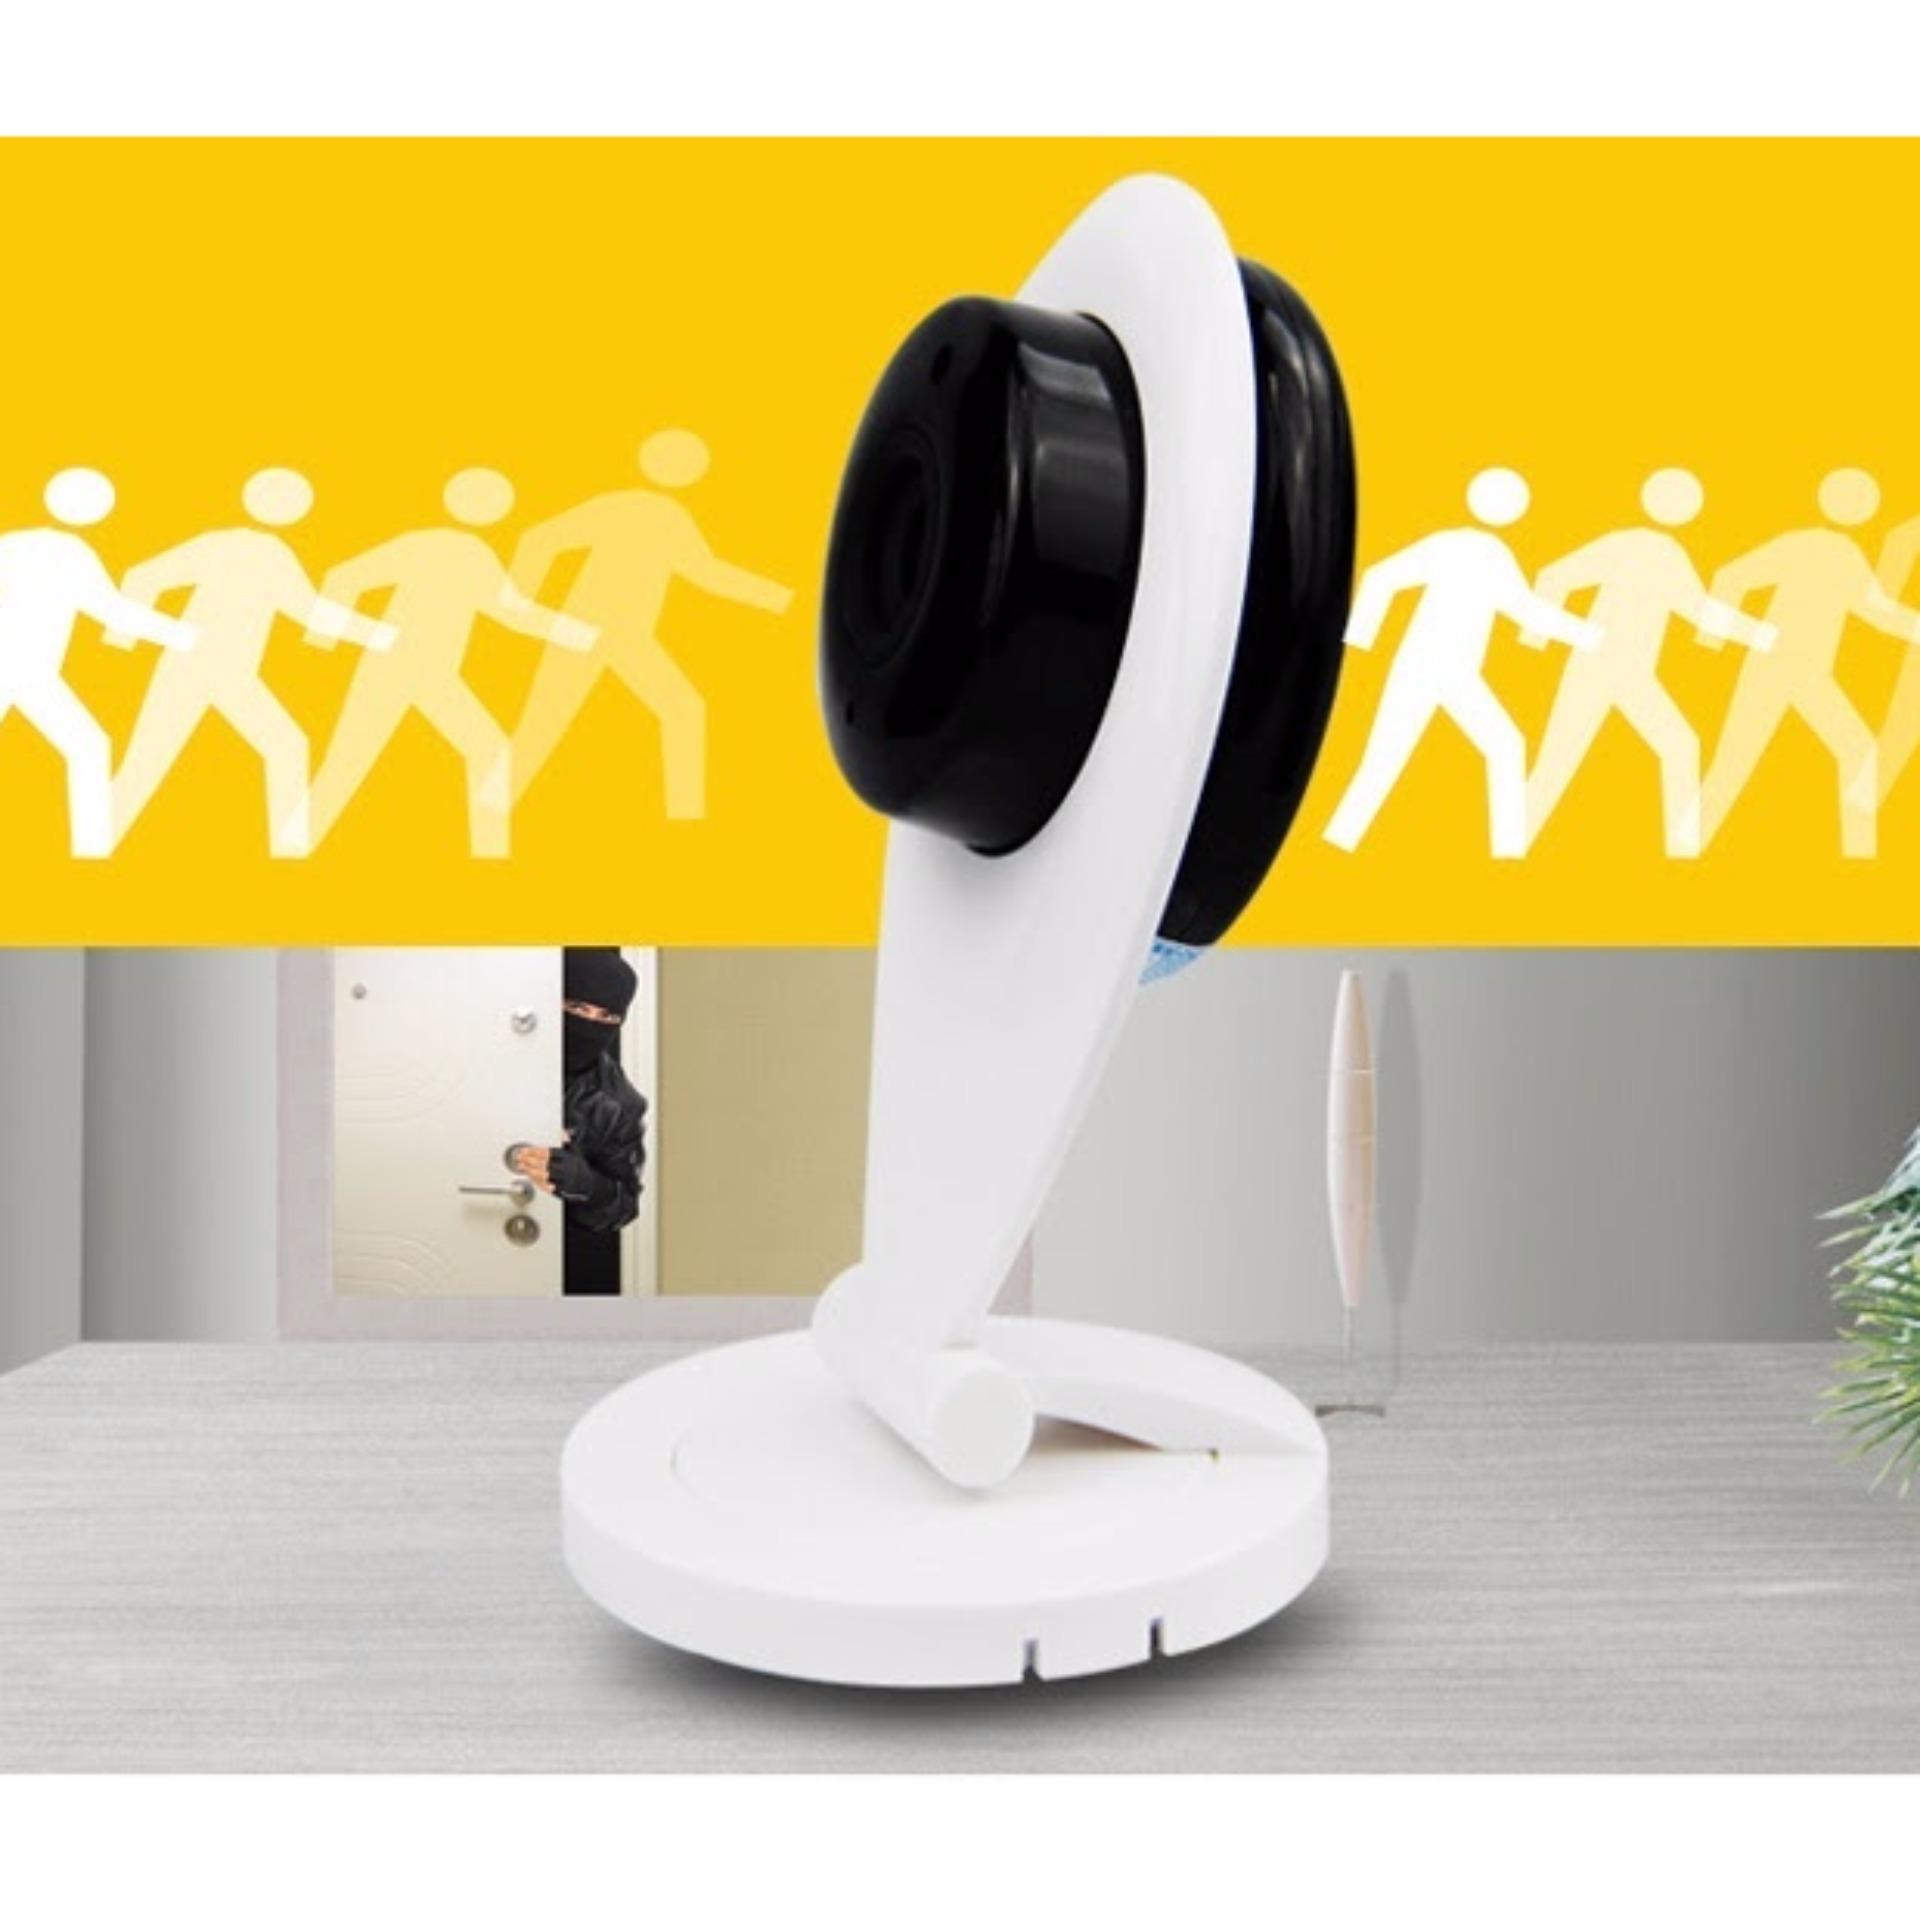 Camera Ip Wifi Giám Sát Ngày Đêm Mini Hdvision 1080P- Siêu Nét, Siêu Nhỏ Gọn